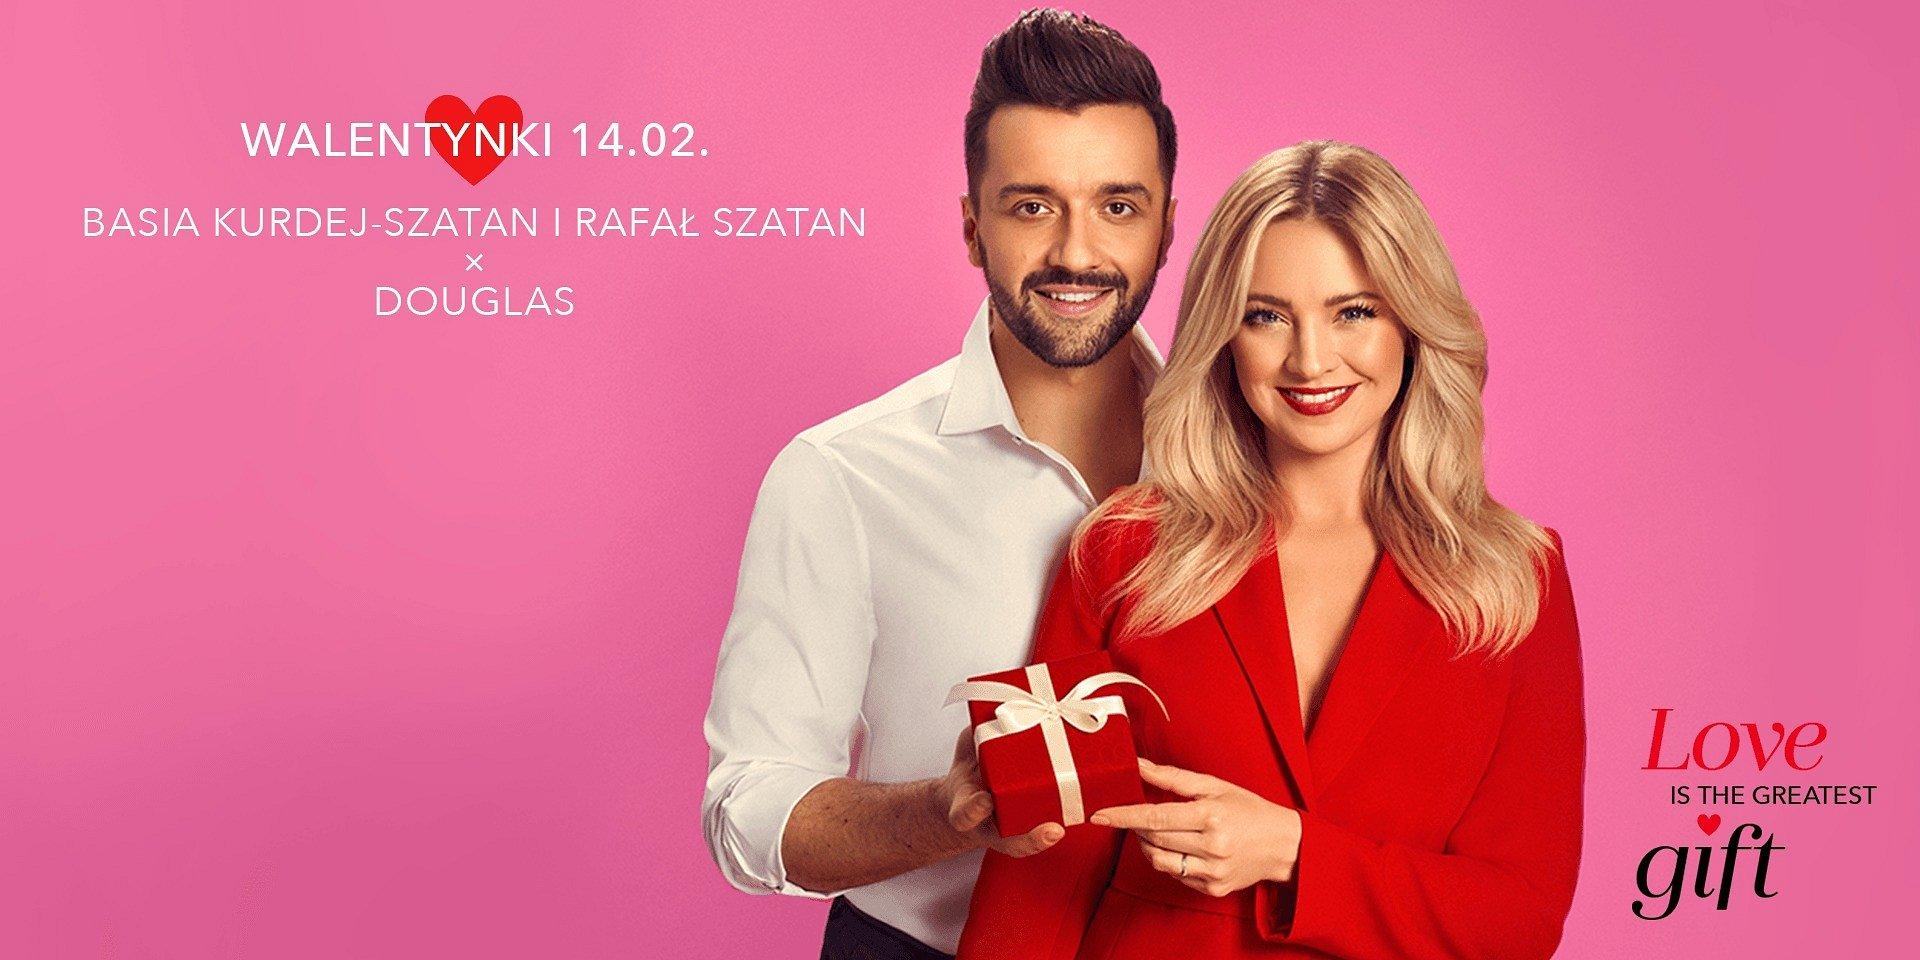 Barbara Kurdej-Szatan i Rafał Szatan w walentynkowej kampanii Douglas